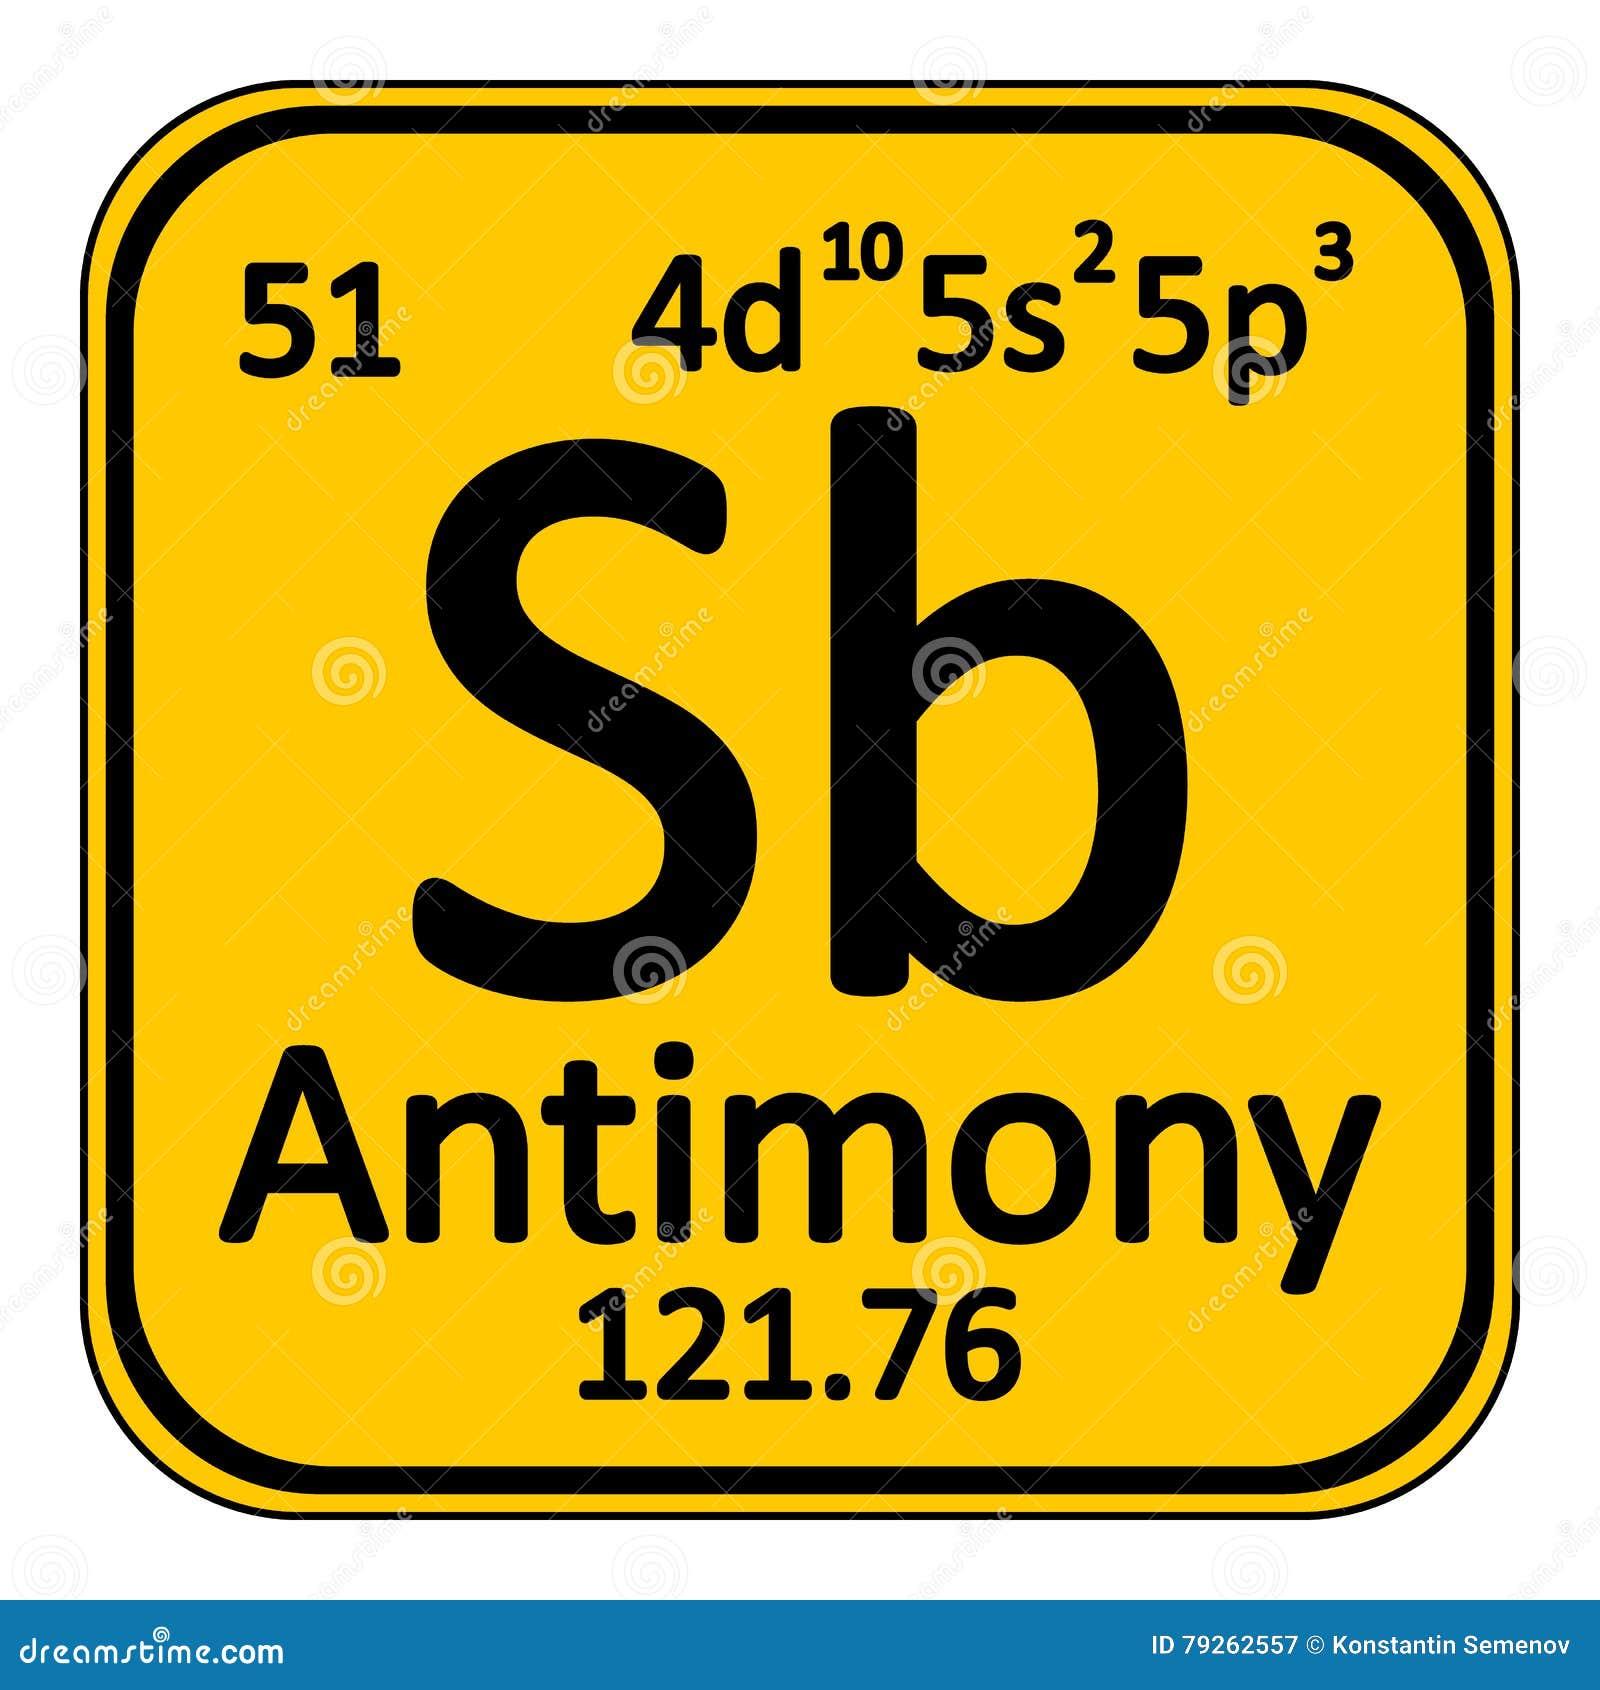 Periodic table element antimony icon stock illustration image royalty free illustration download periodic table element antimony gamestrikefo Choice Image